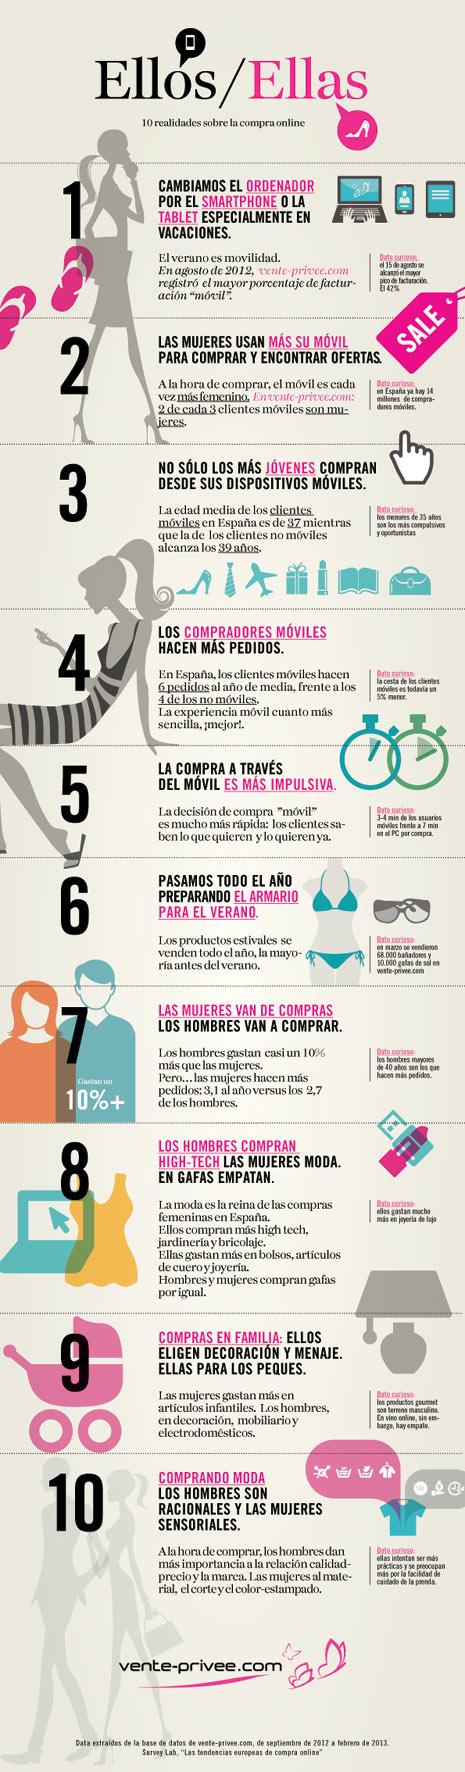 infografía realidad de la compra online entre chicos y chicas